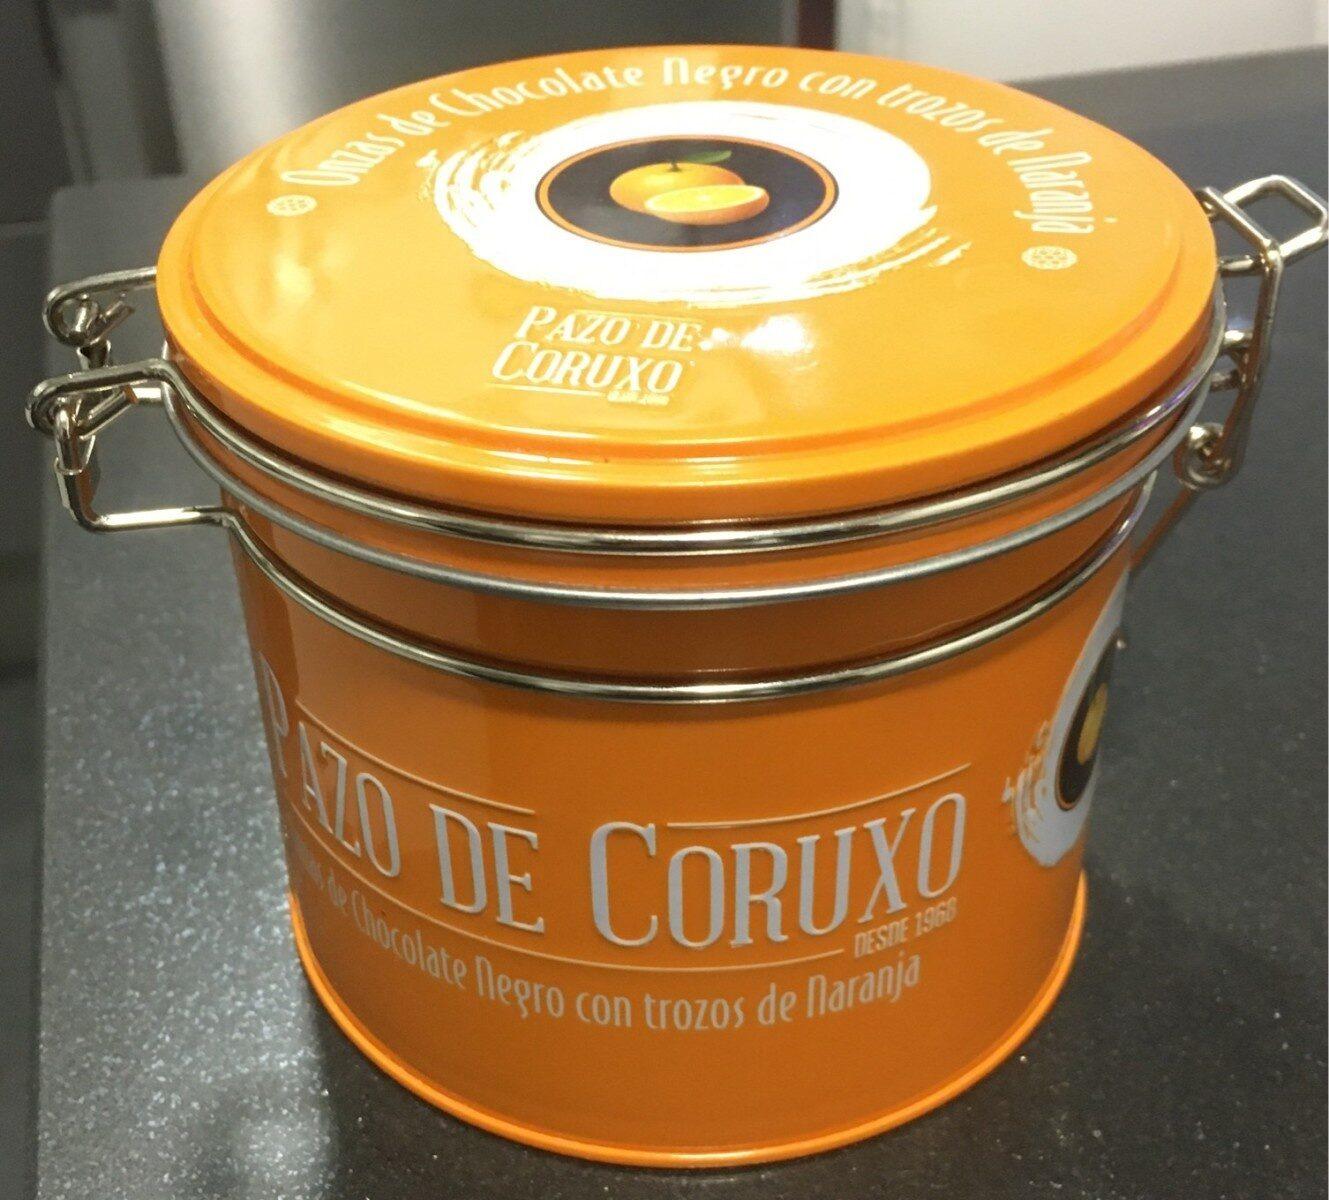 Onzas de chocolate negro y naranja - Producto